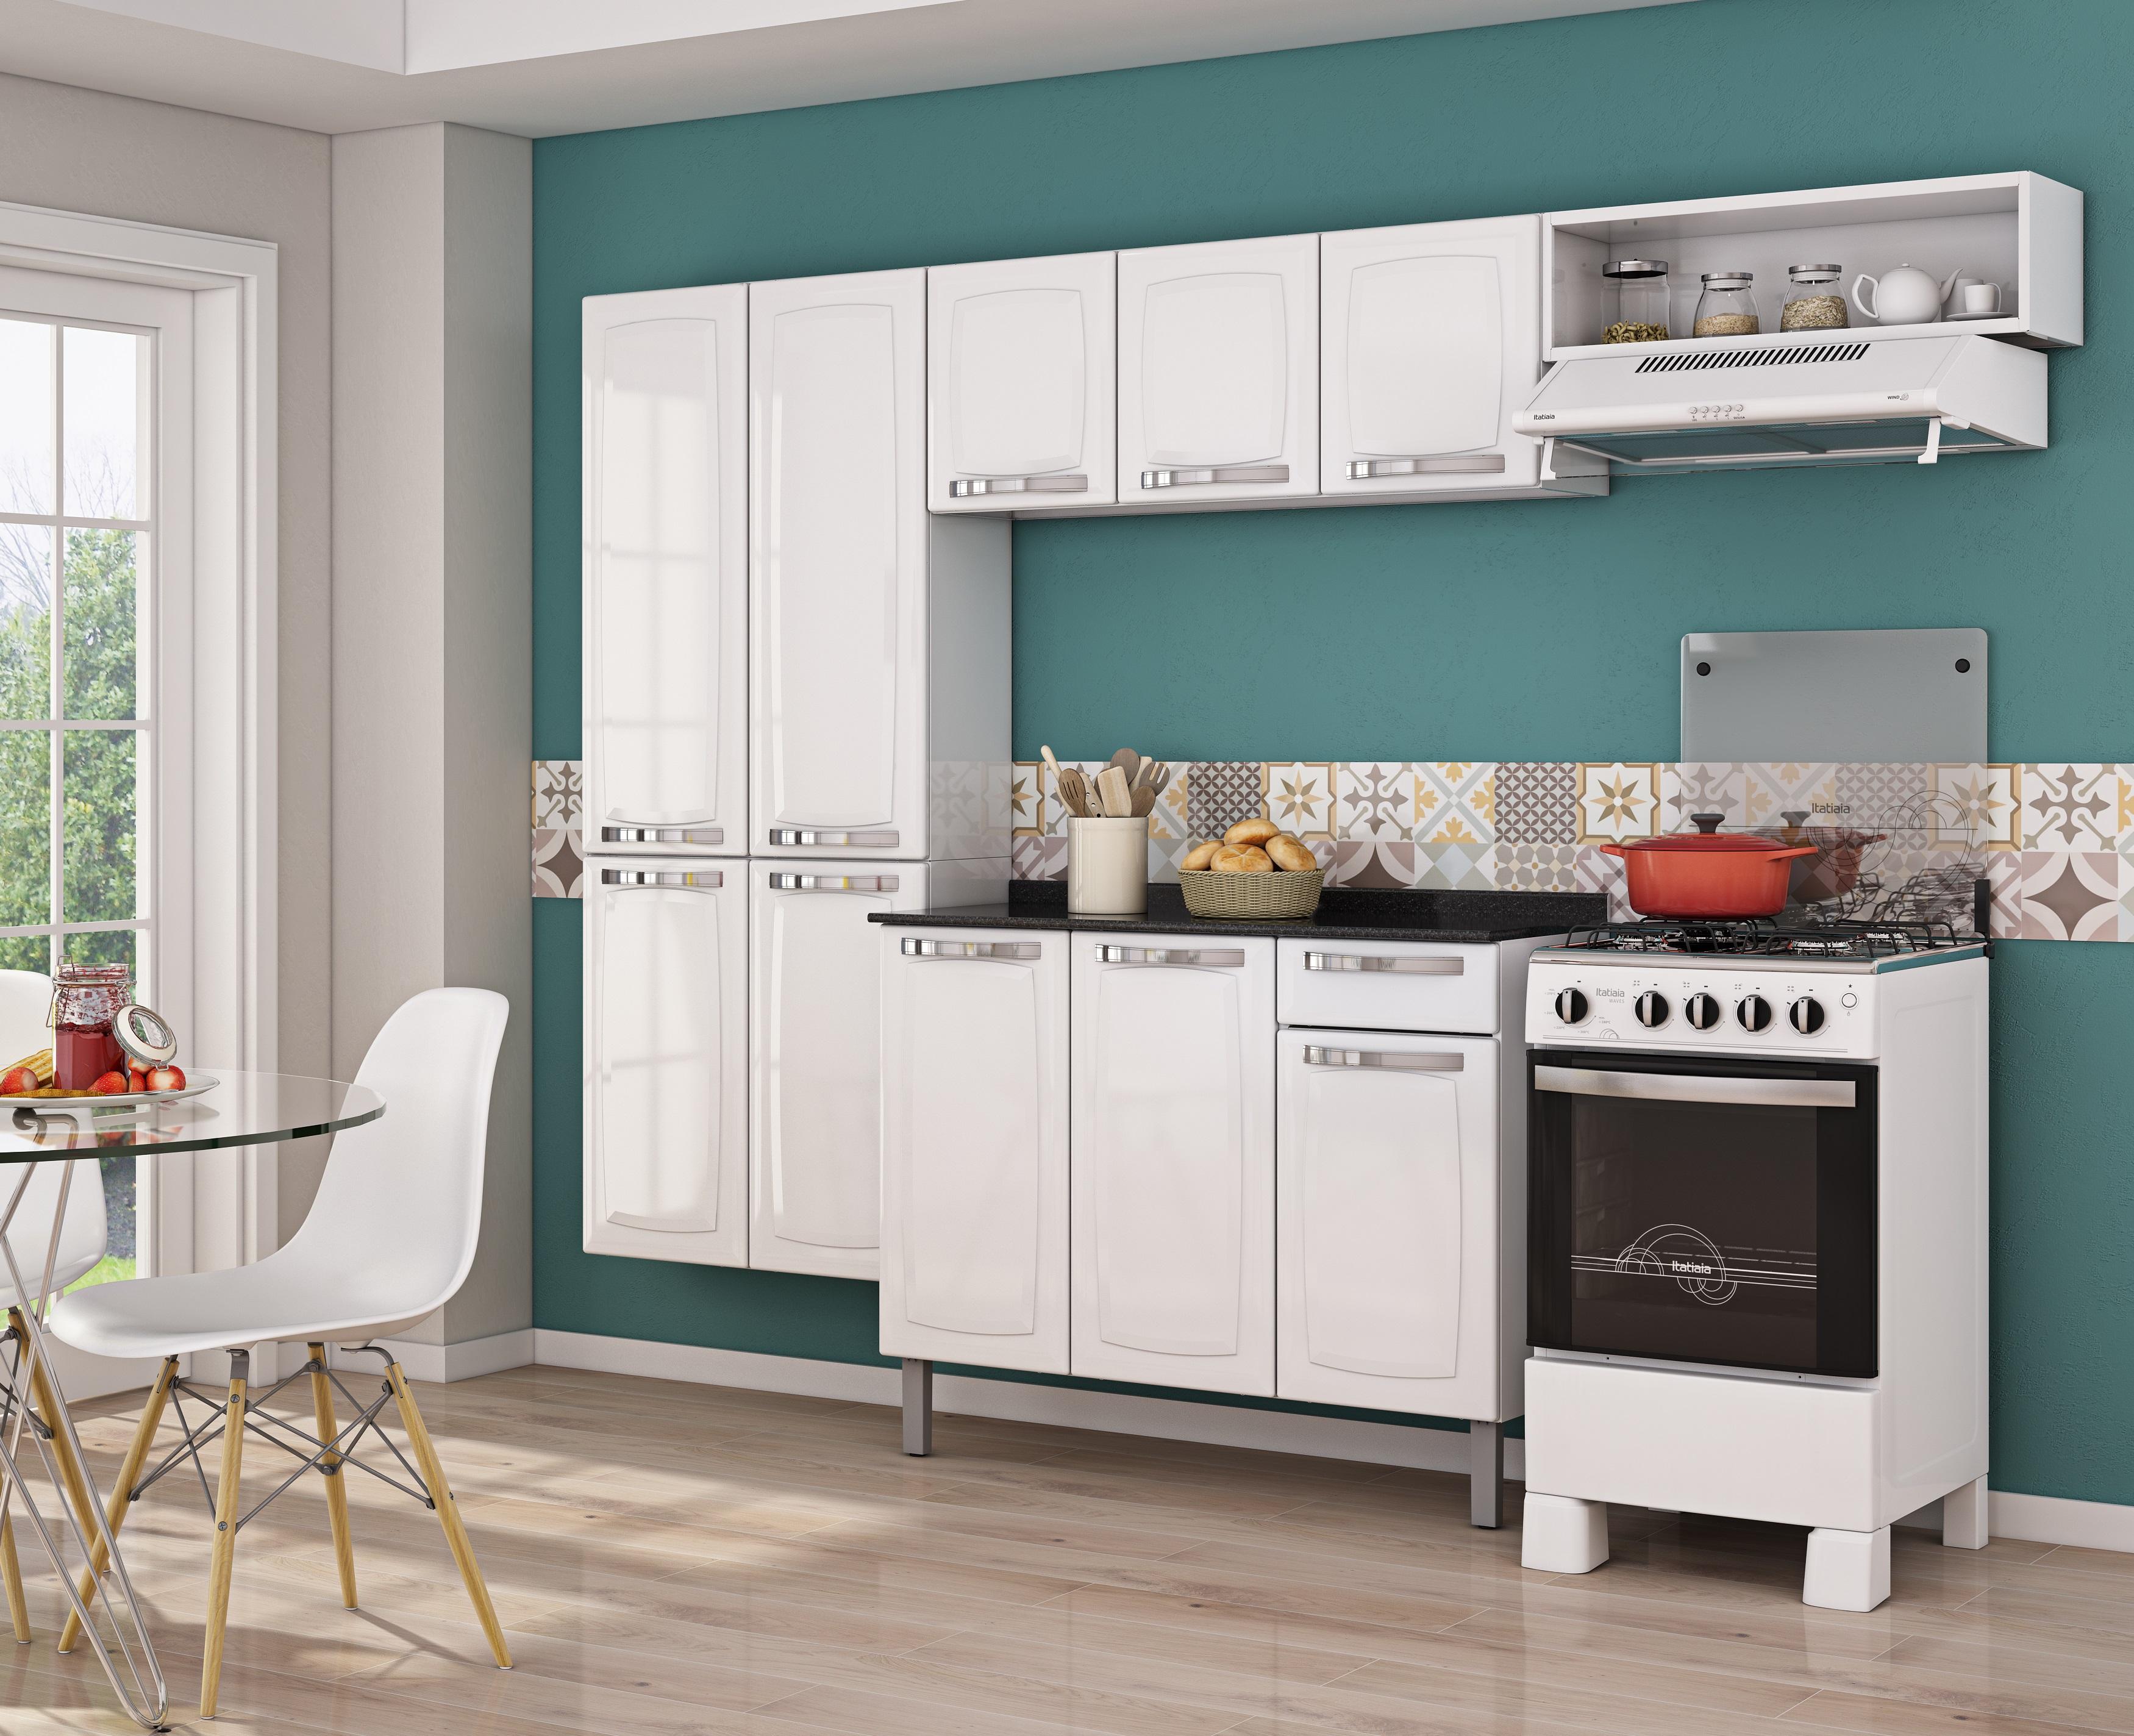 #6B443B  com 3 portas armário de geladeira e balcão 3 portas e 1 gaveta 3500x2847 px Armario De Cozinha Compacto De Aço #2001 imagens